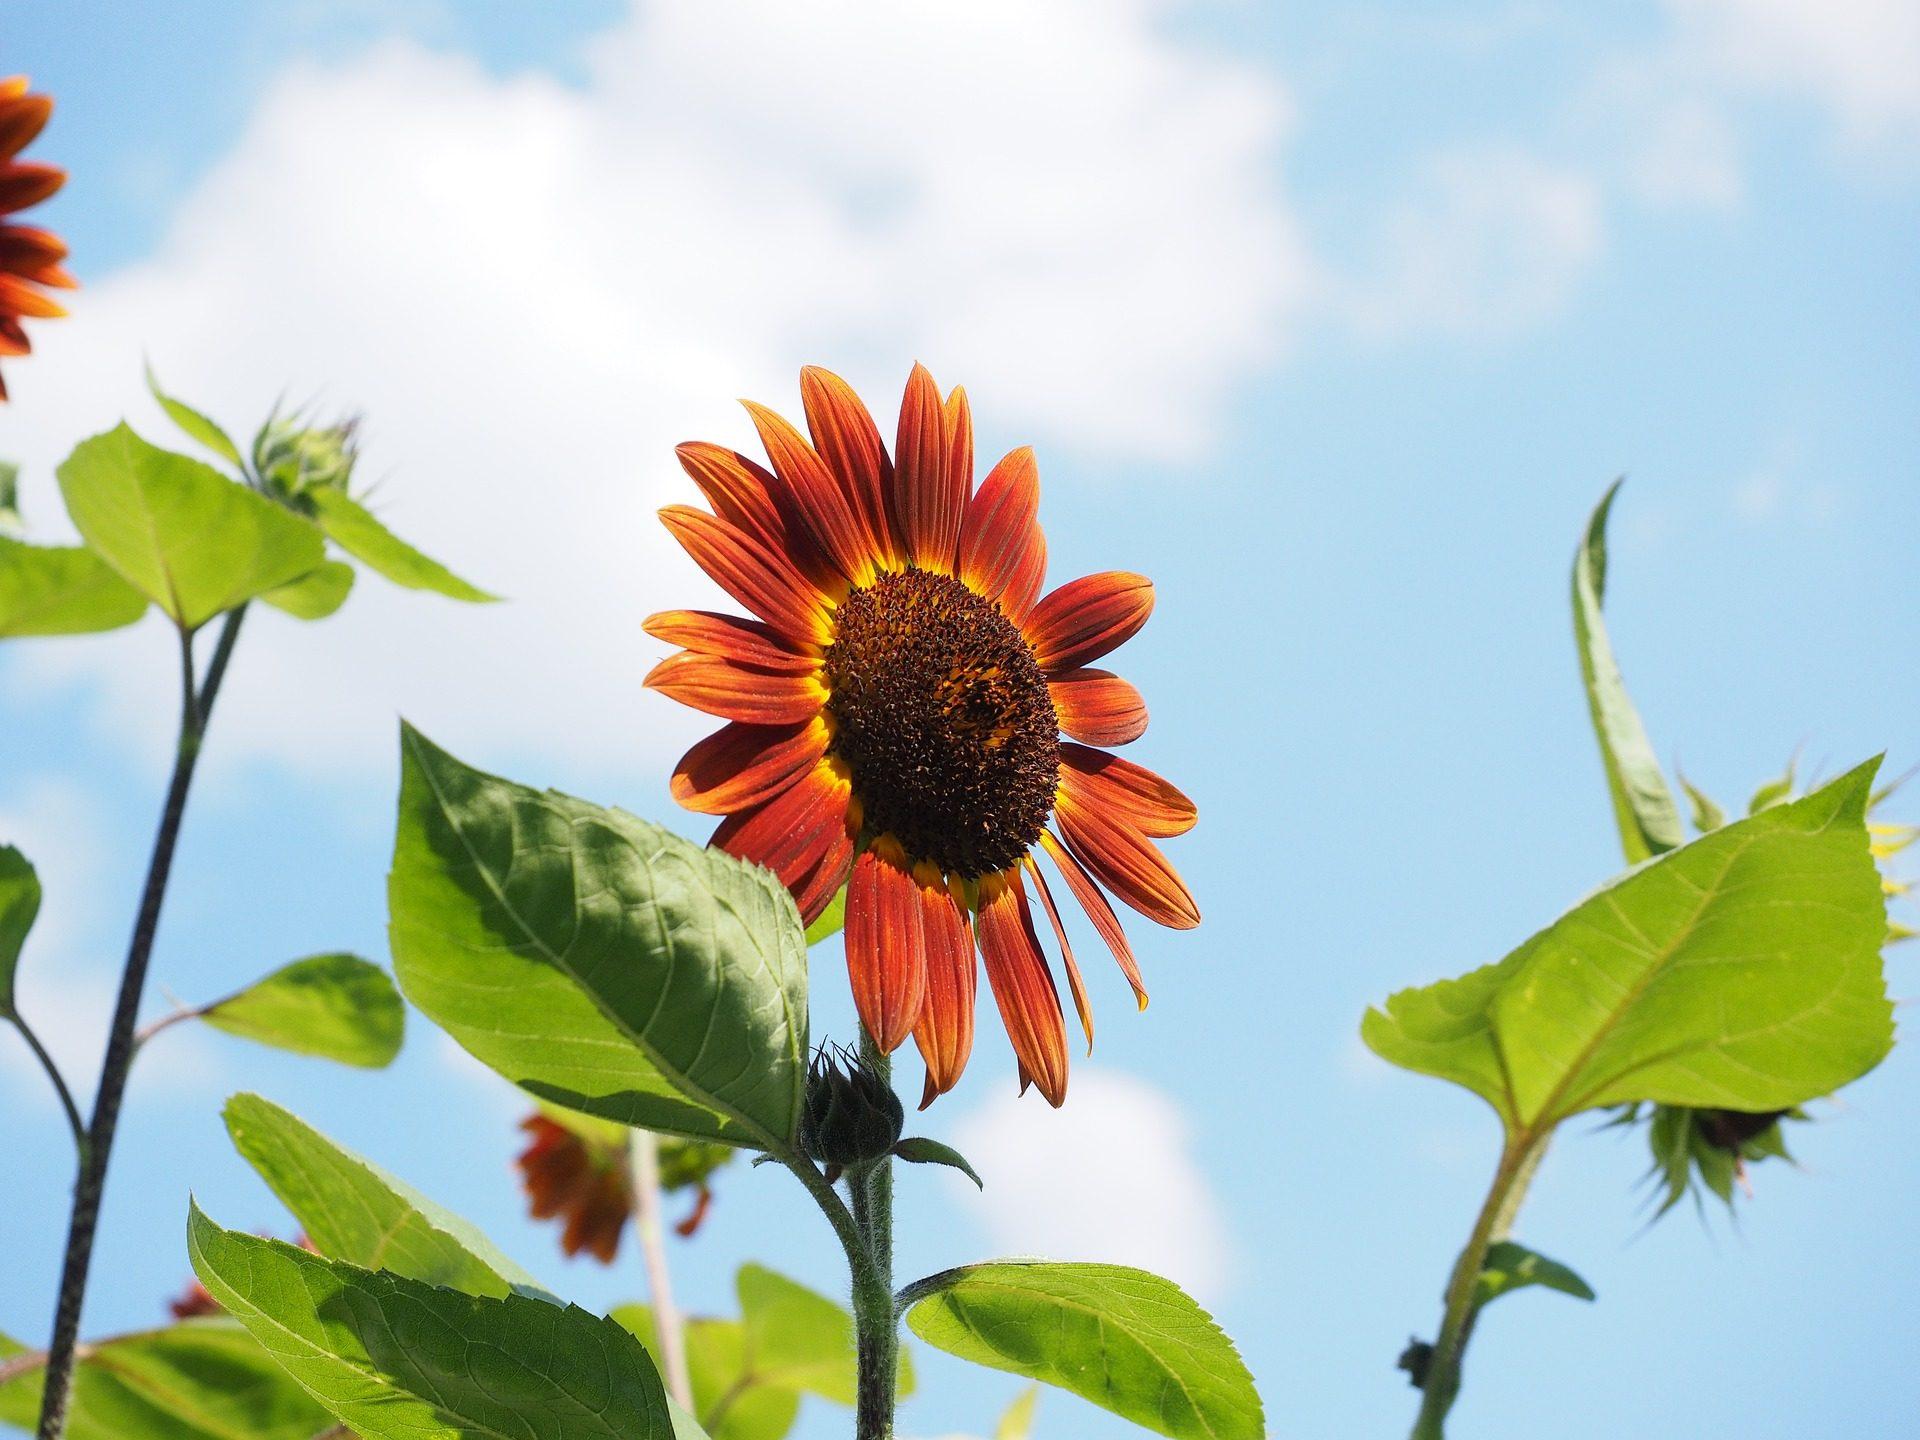 Girasole, Rosso, fiore, piante, foglie - Sfondi HD - Professor-falken.com